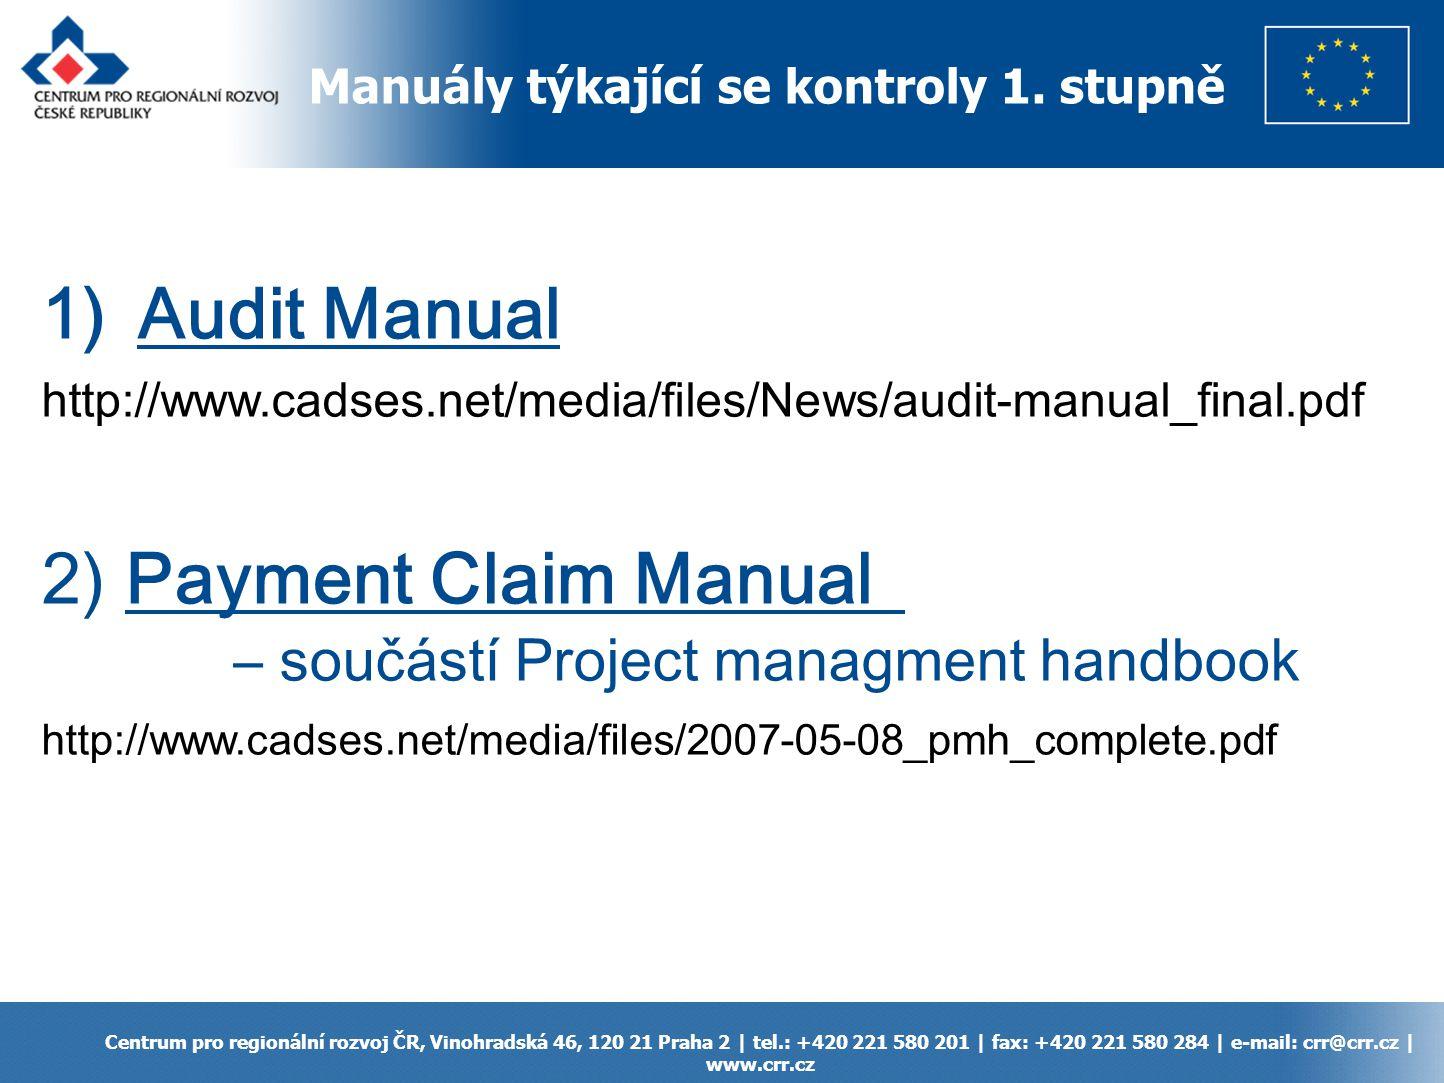 Centrum pro regionální rozvoj ČR, Vinohradská 46, 120 21 Praha 2 | tel.: +420 221 580 201 | fax: +420 221 580 284 | e-mail: crr@crr.cz | www.crr.cz 1)Audit Manual http://www.cadses.net/media/files/News/audit-manual_final.pdf 2) Payment Claim Manual – součástí Project managment handbook http://www.cadses.net/media/files/2007-05-08_pmh_complete.pdf Manuály týkající se kontroly 1.